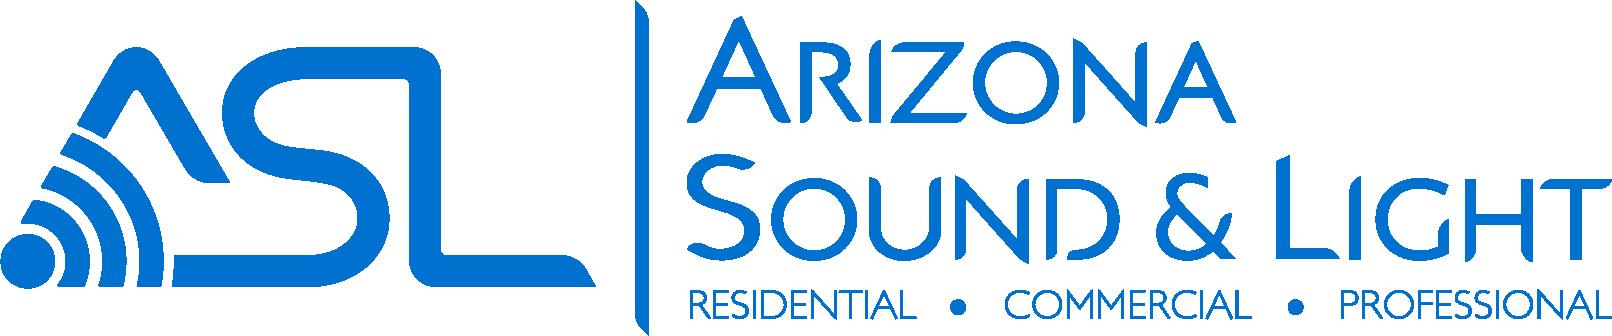 Arizona Sound & Light's